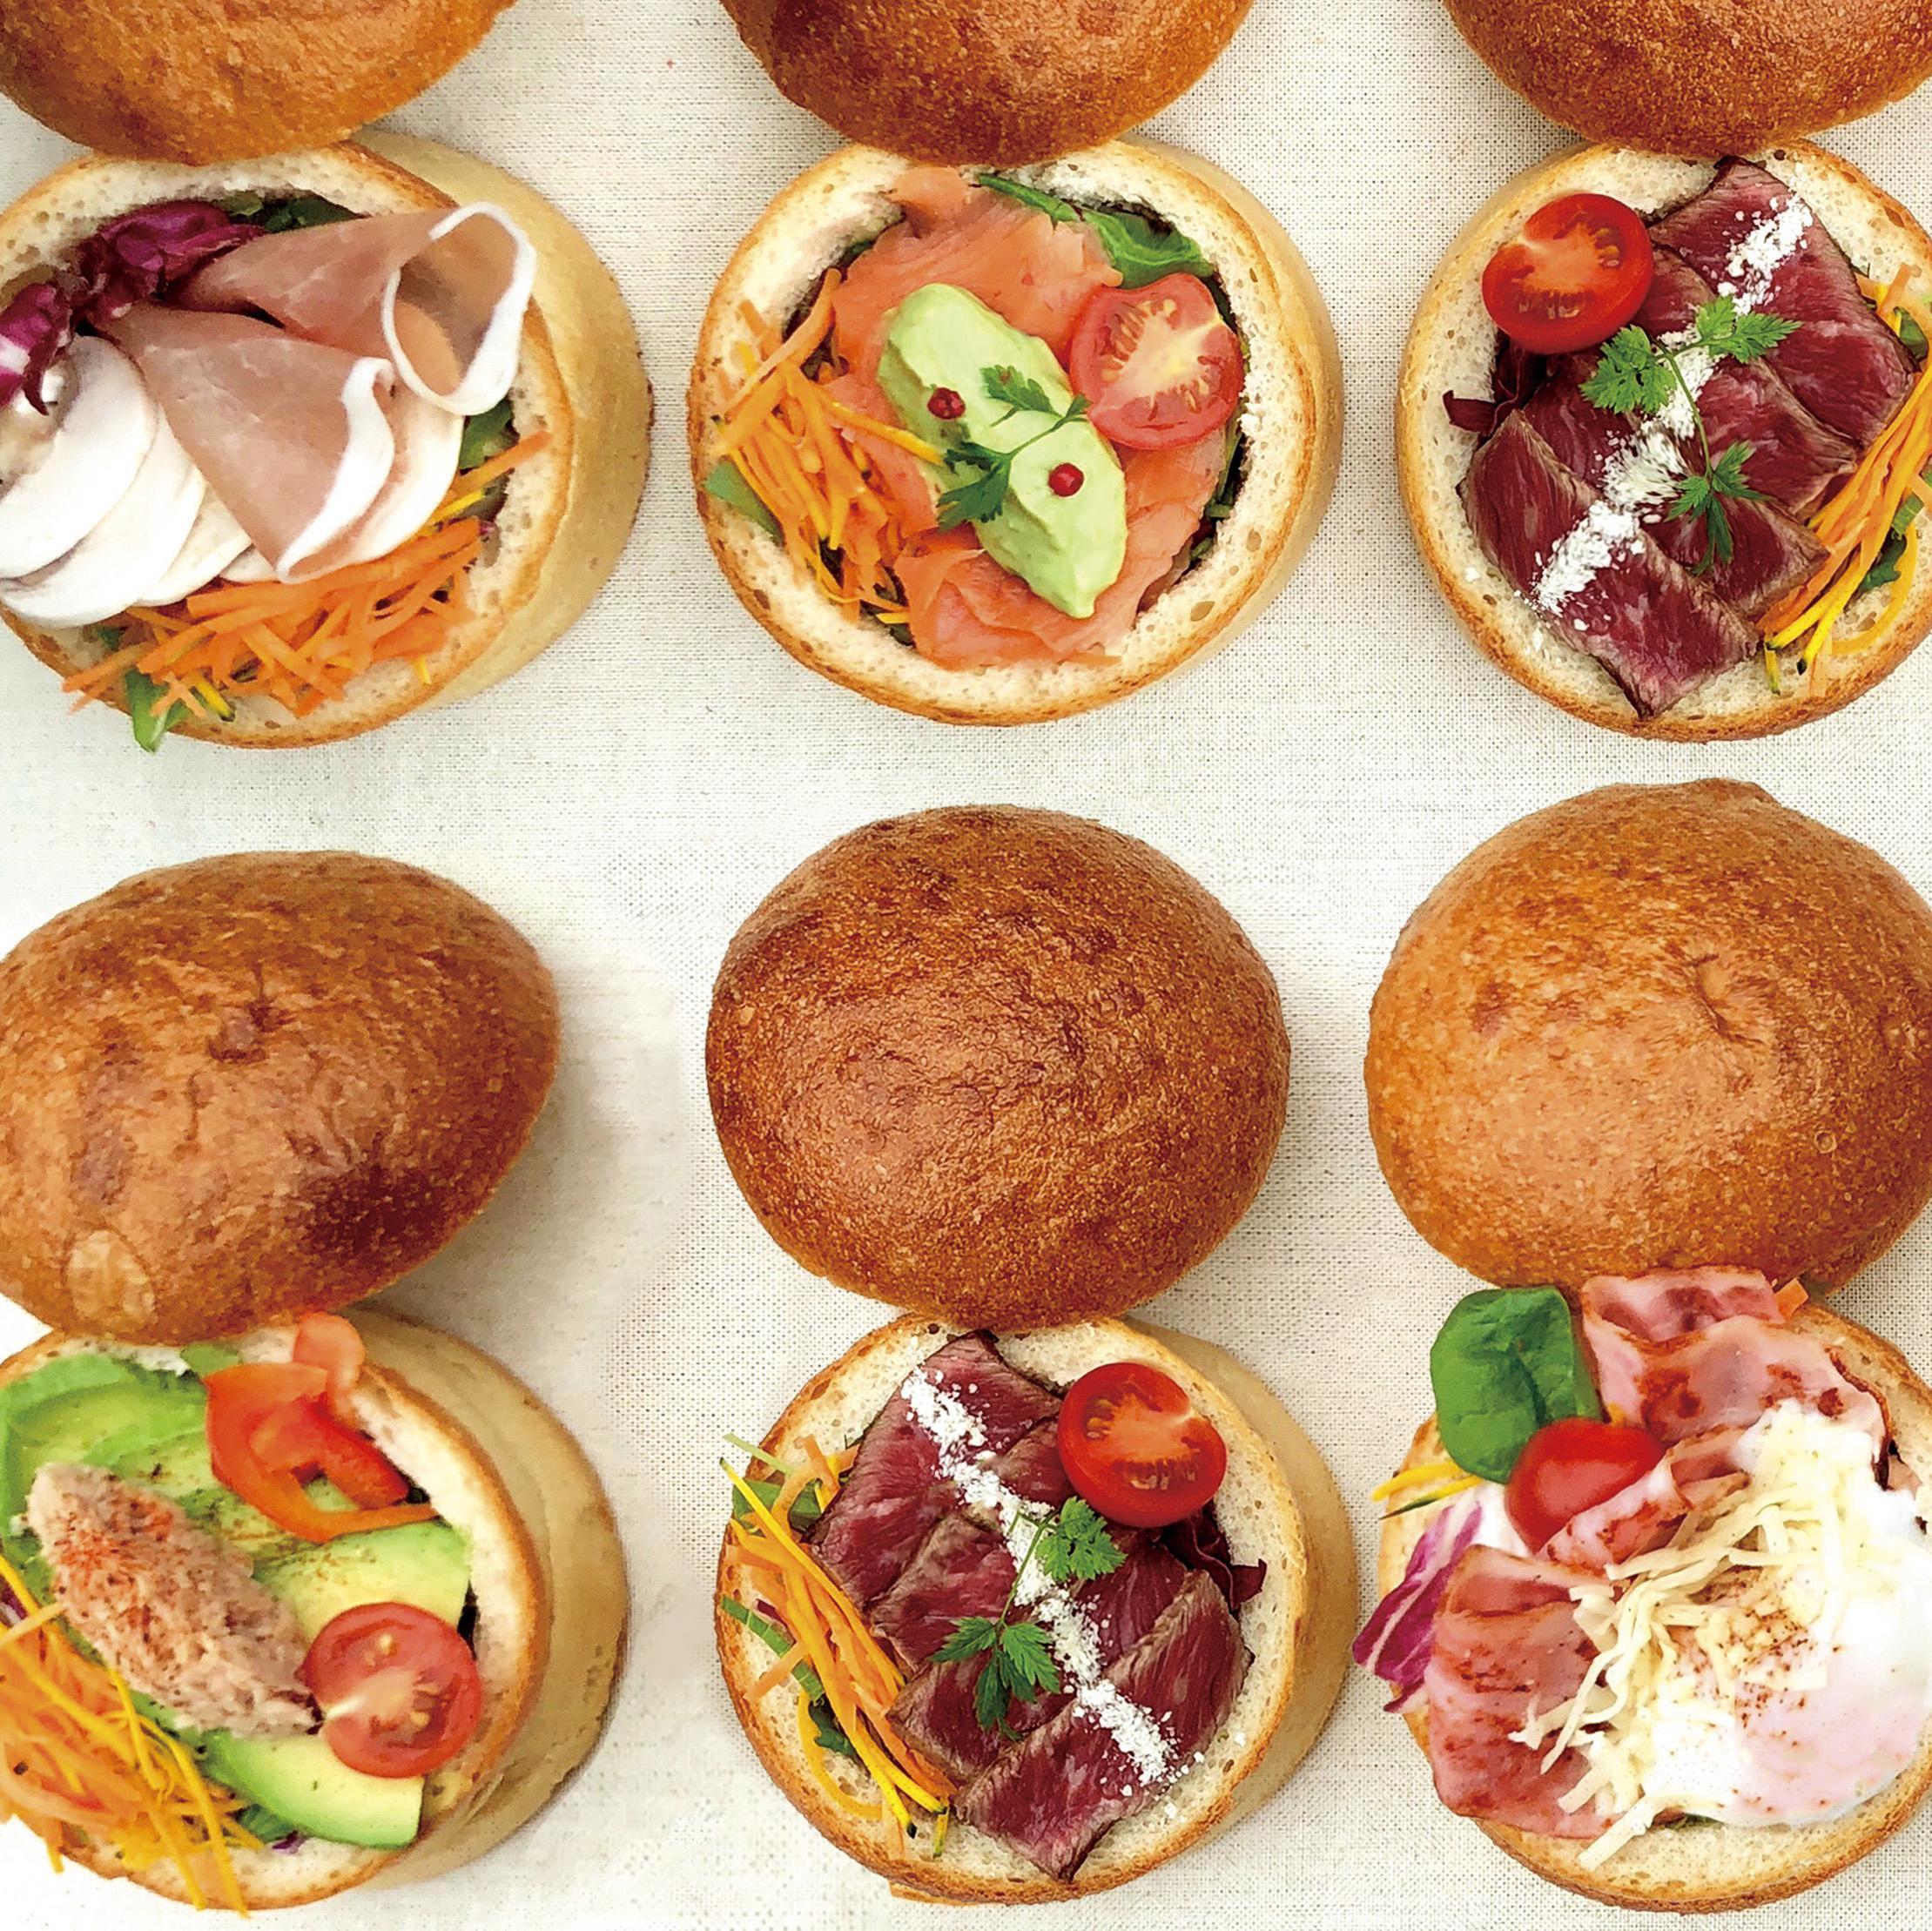 メゾンカイザーが渋谷ヒカリエに新レストランをオープン。ランチのパンビュッフェも